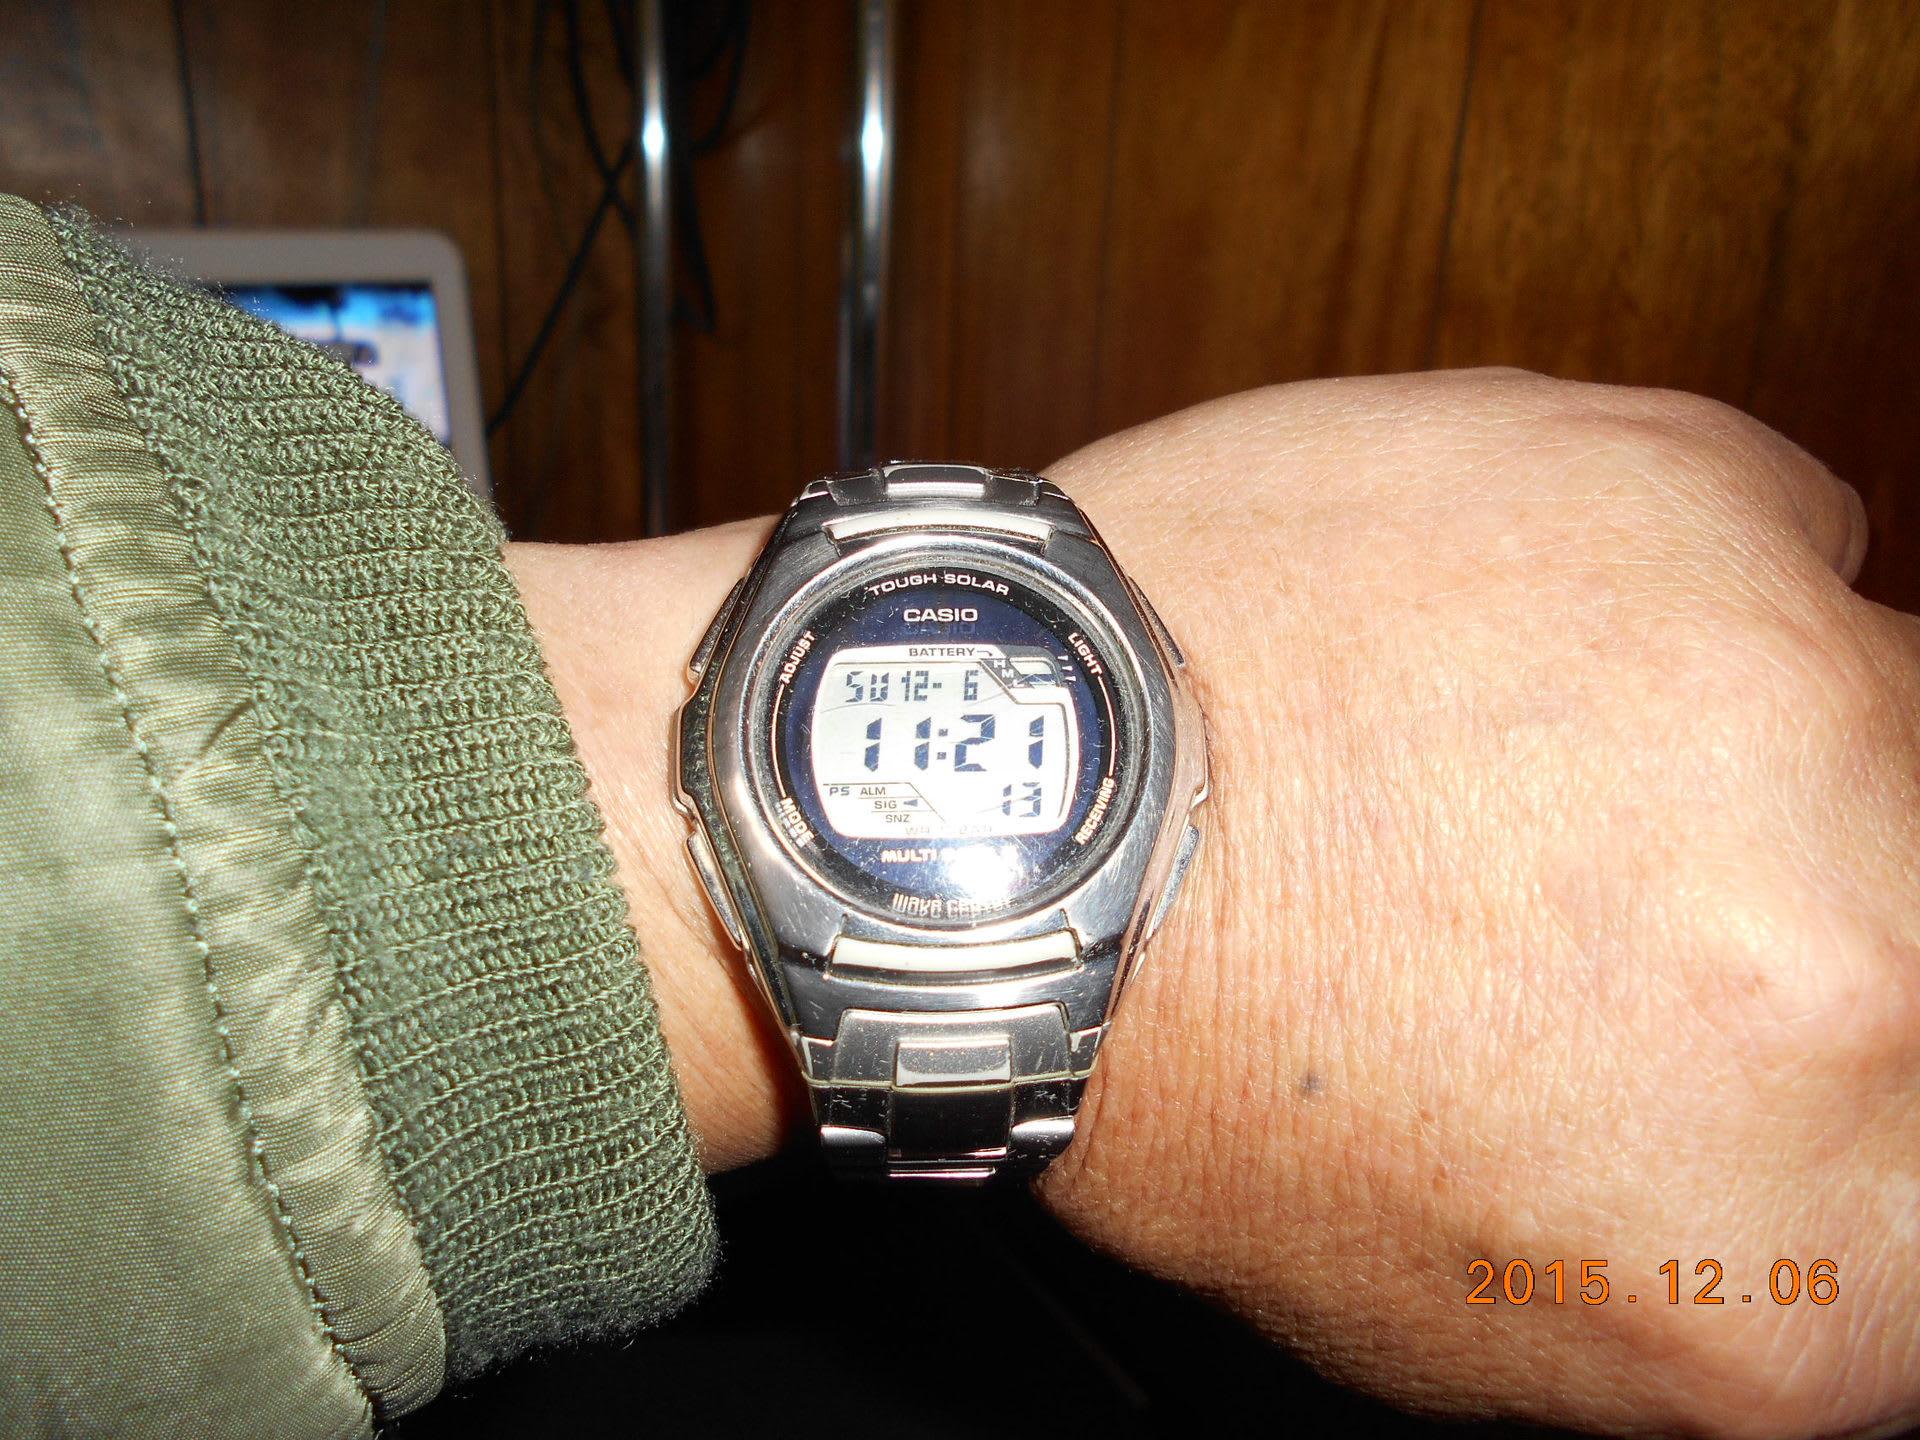 貧乏人の時計コレクション? - マッチャンのブログ